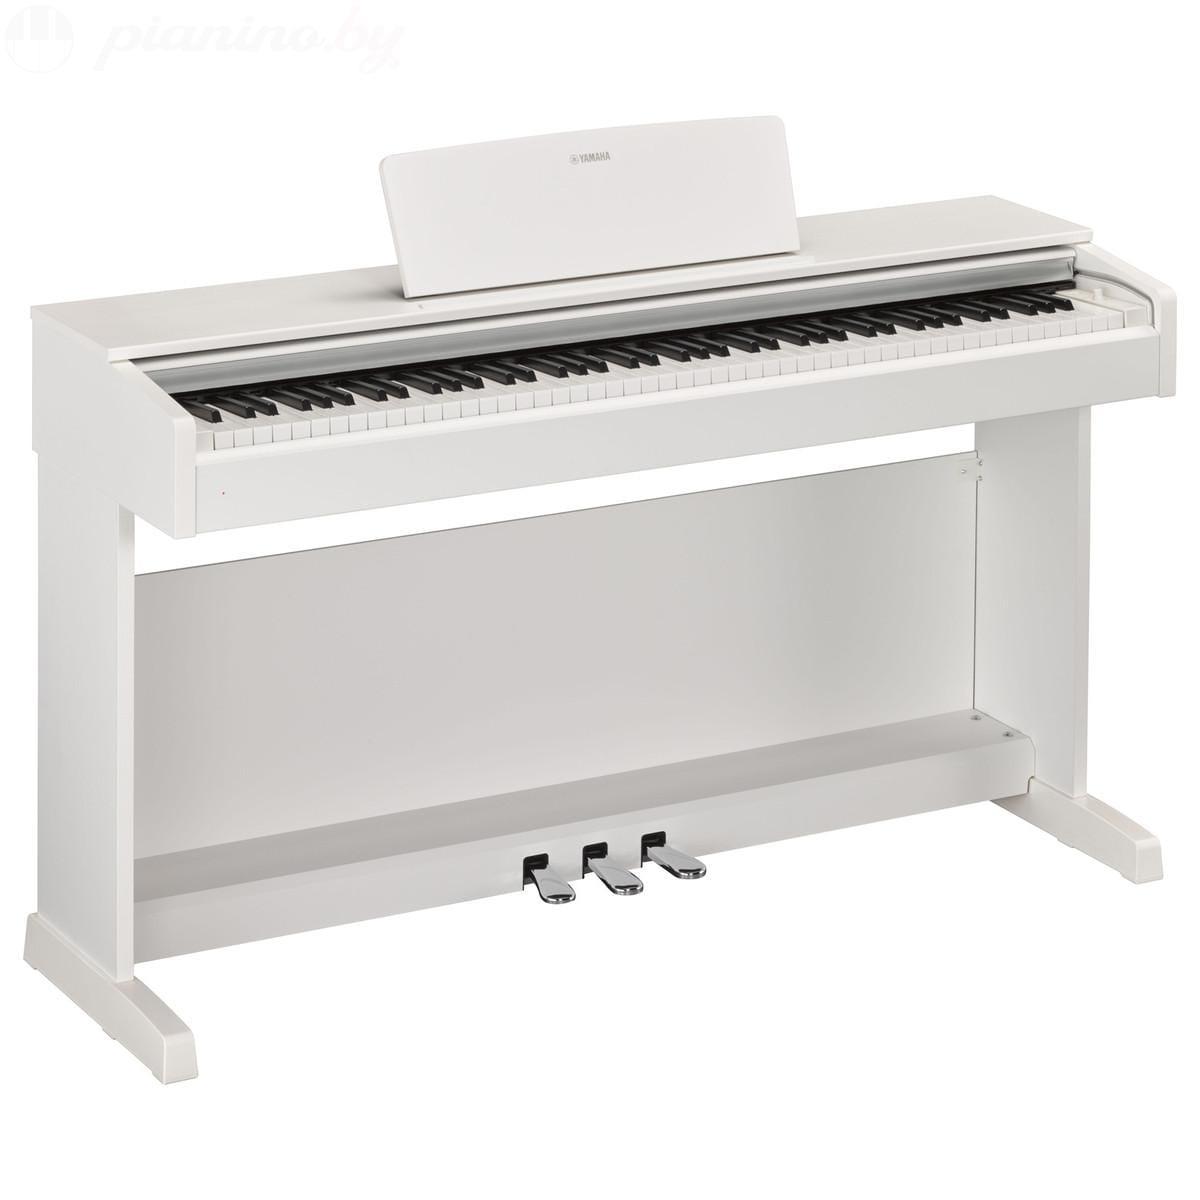 Цифровое пианино Yamaha Arius YDP-143 White